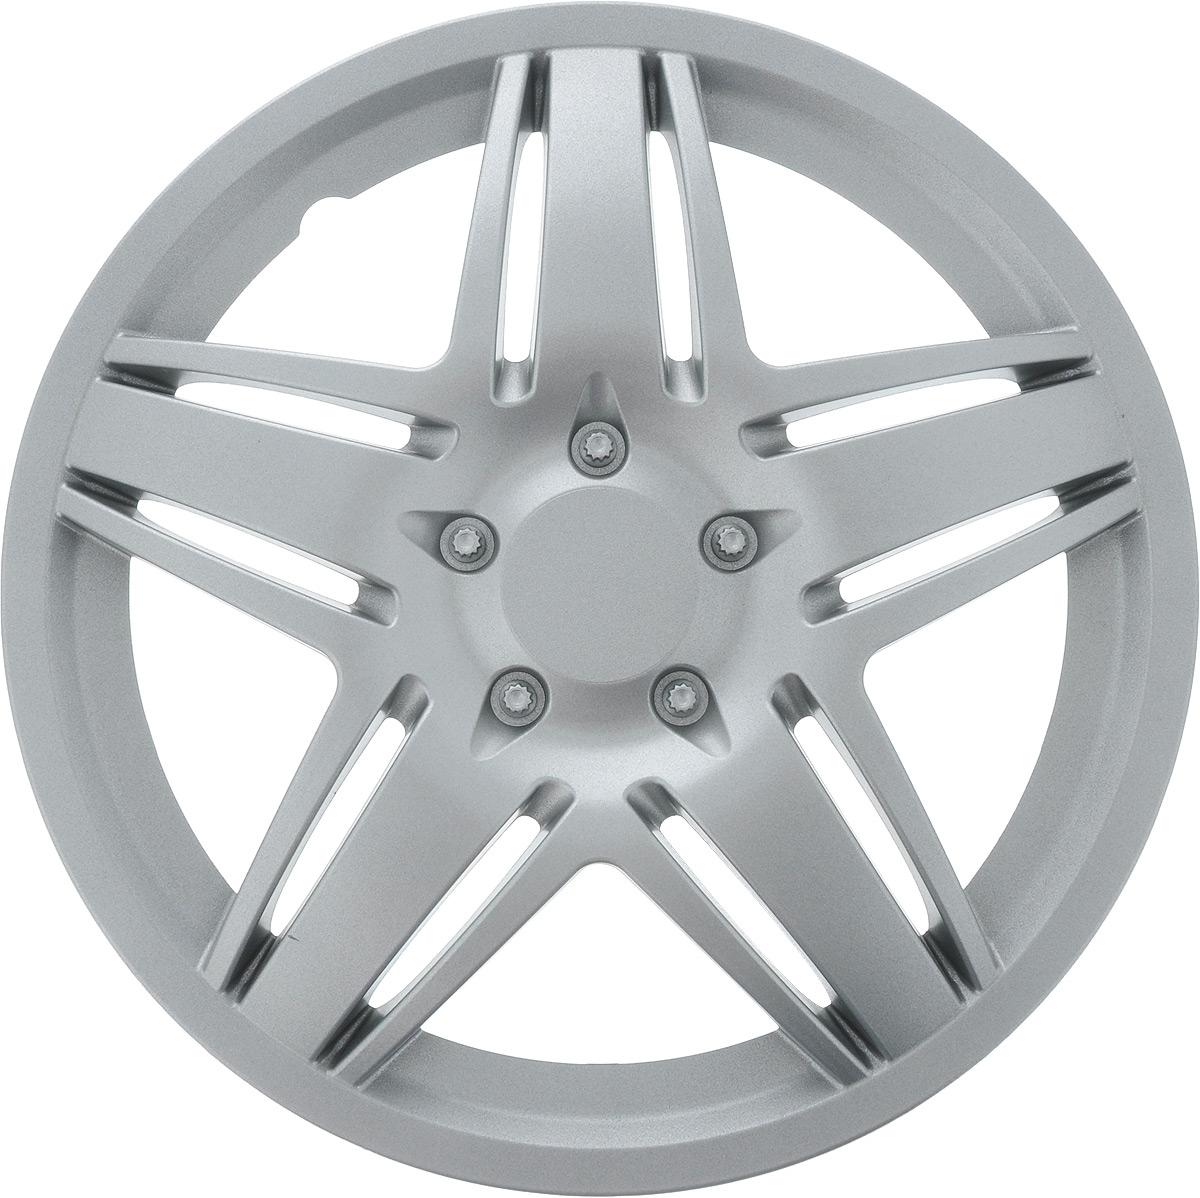 Колпак защитный Phantom Стар, R15 , декоративный, 1 шт. PH57661004900000360Колпак Phantom Стар предназначен для защиты колесного диска и тормозной системы от загрязнений, а также для декоративного украшения автомобиля.Колпак изготовлен из высококачественного масло-бензостойкого пластика, а крепление в виде распорного кольца - из металла.Размер колеса: R15.Диаметр колпака: 41,5 см.